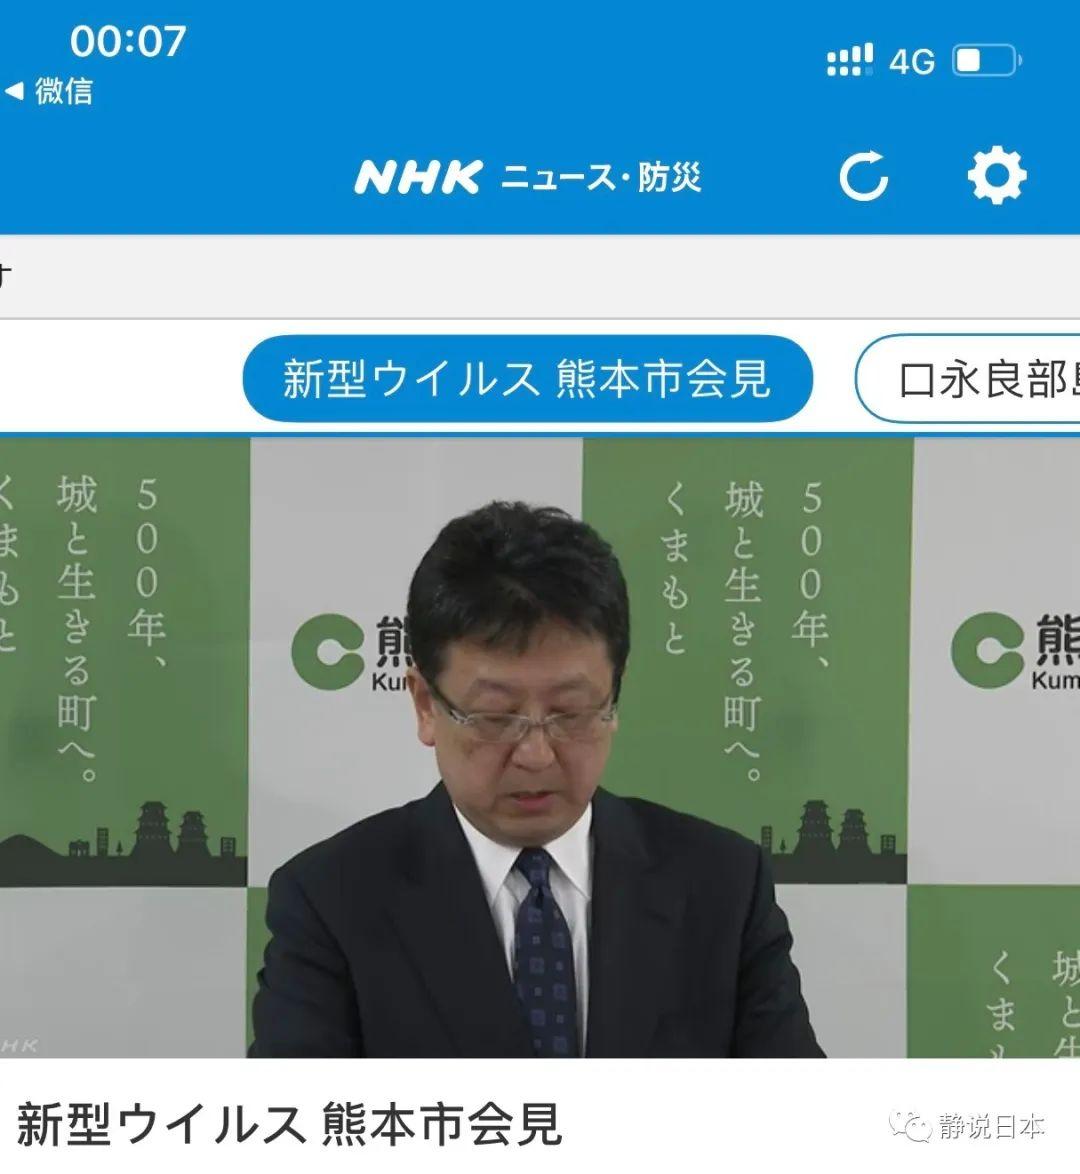 我觉得,日本应对新冠疫情的做法还比较科学